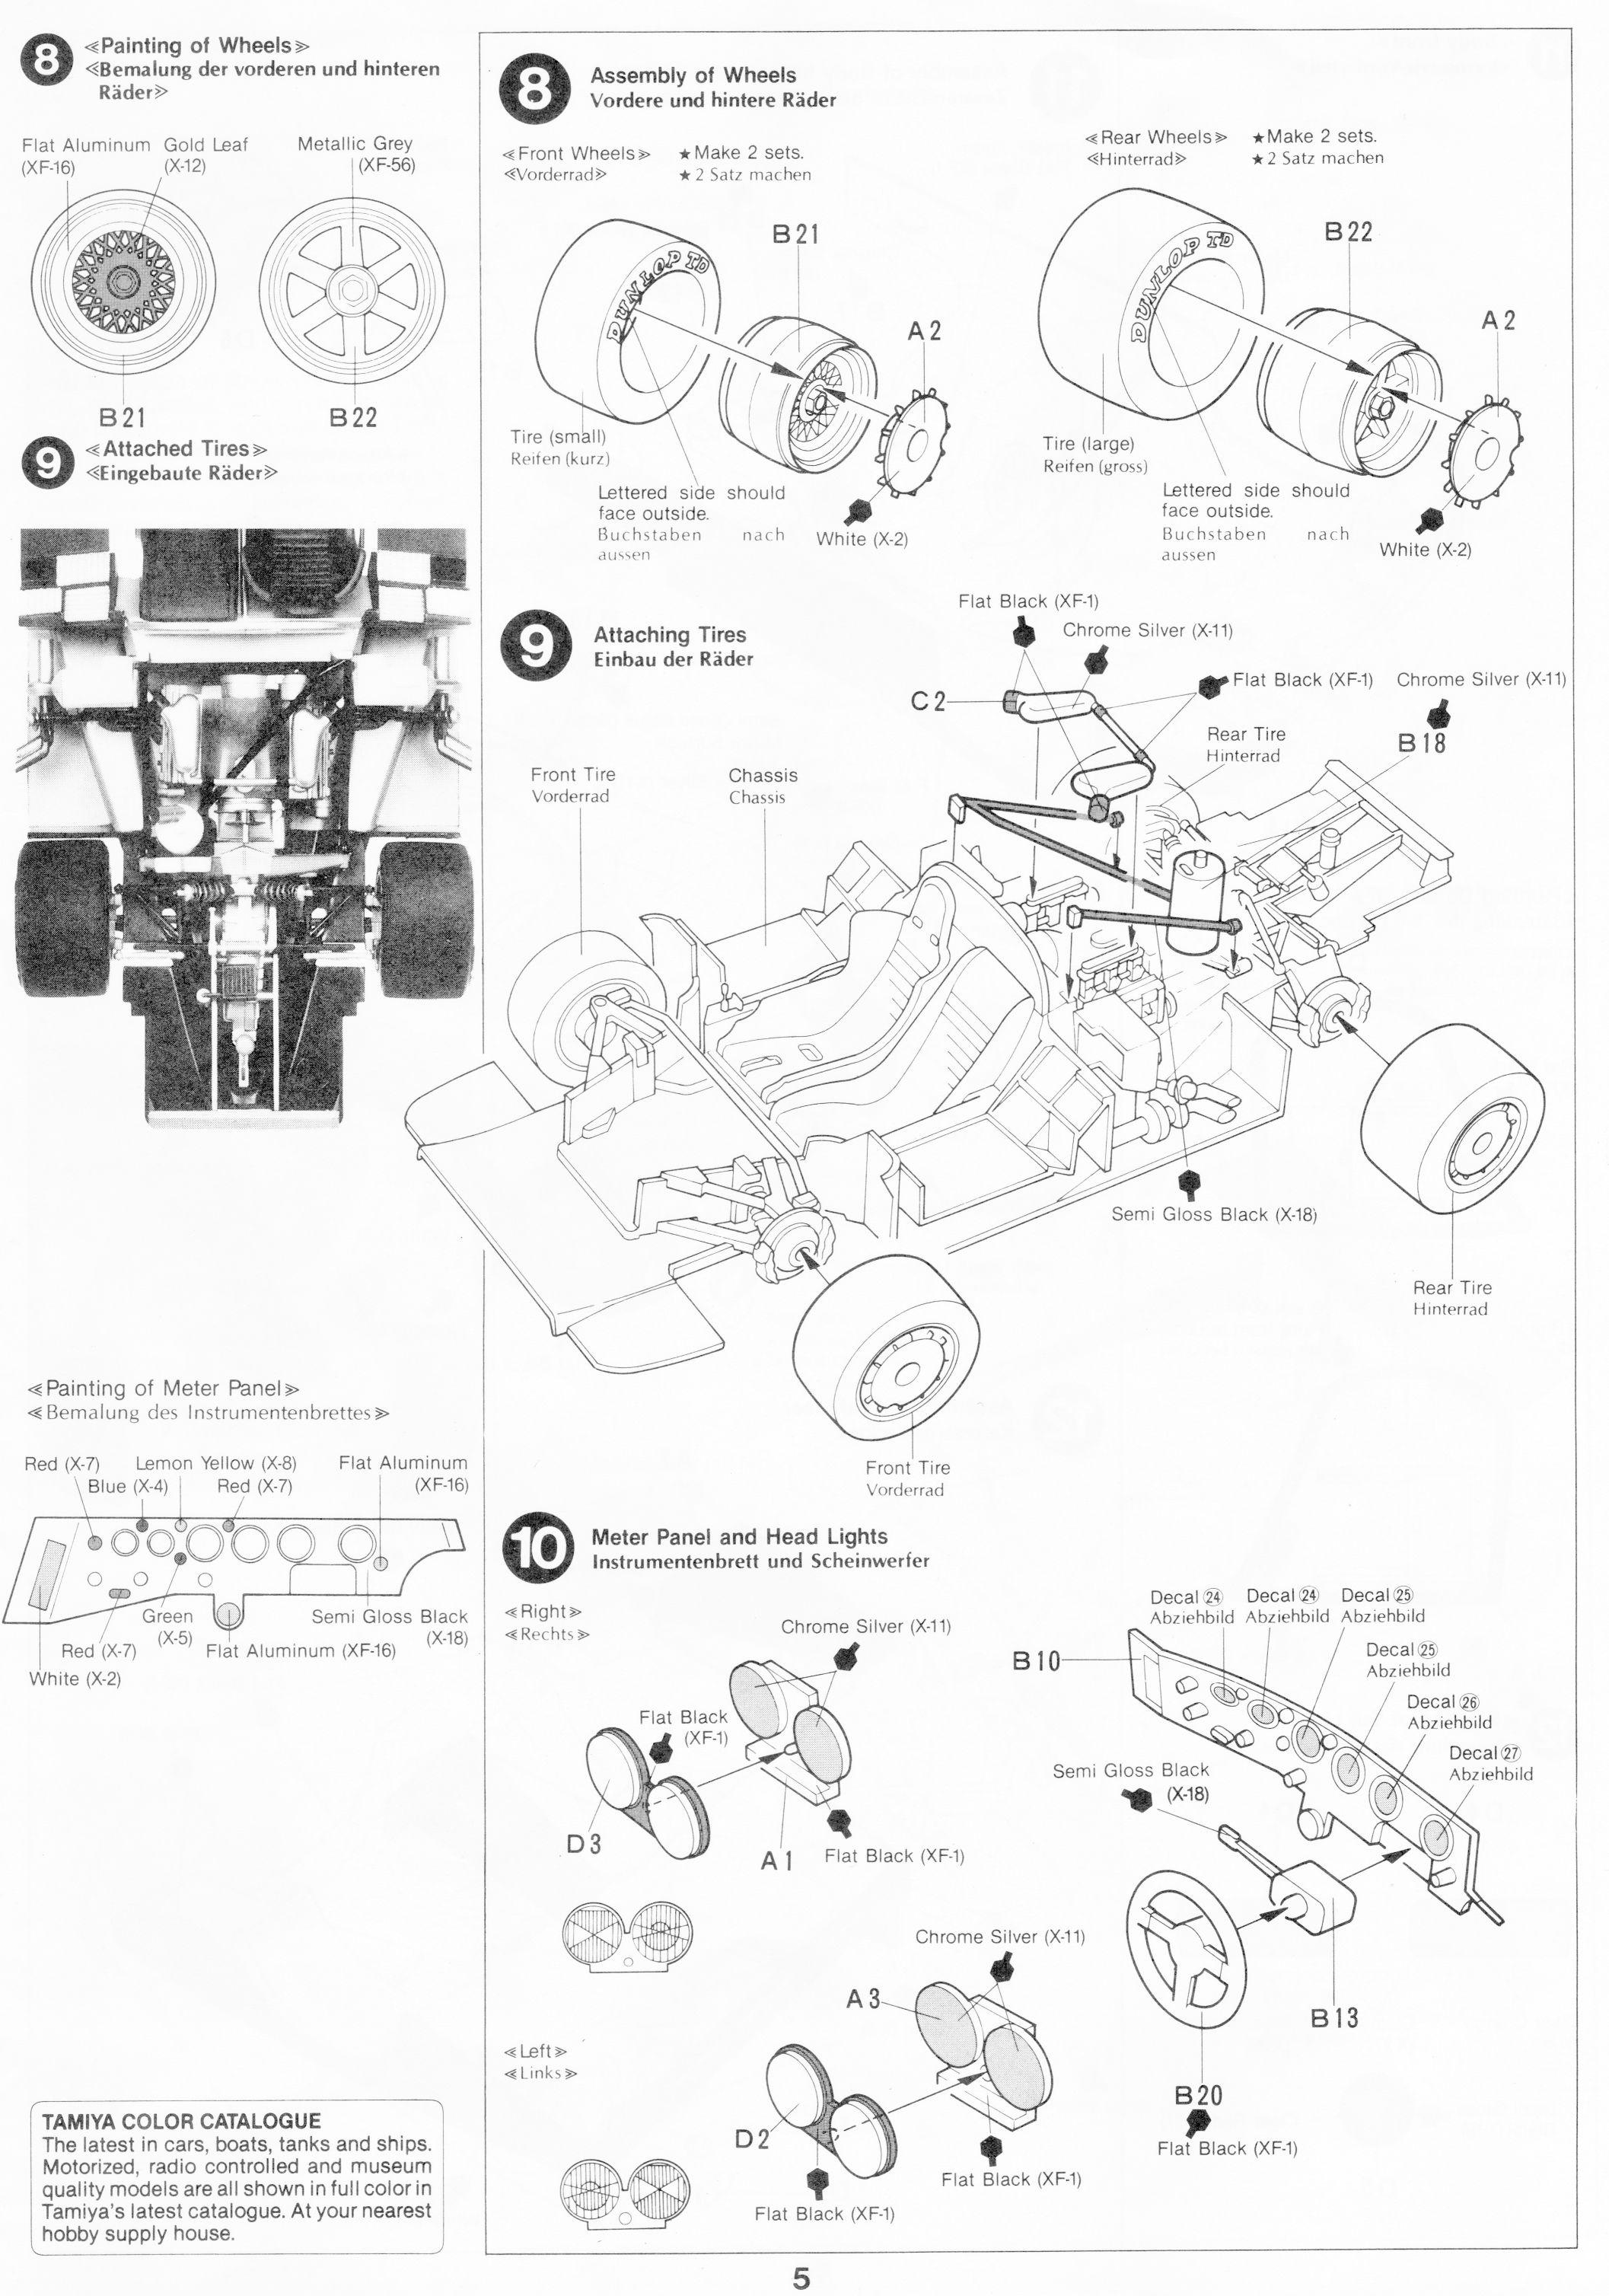 2001 subaru engine diagram